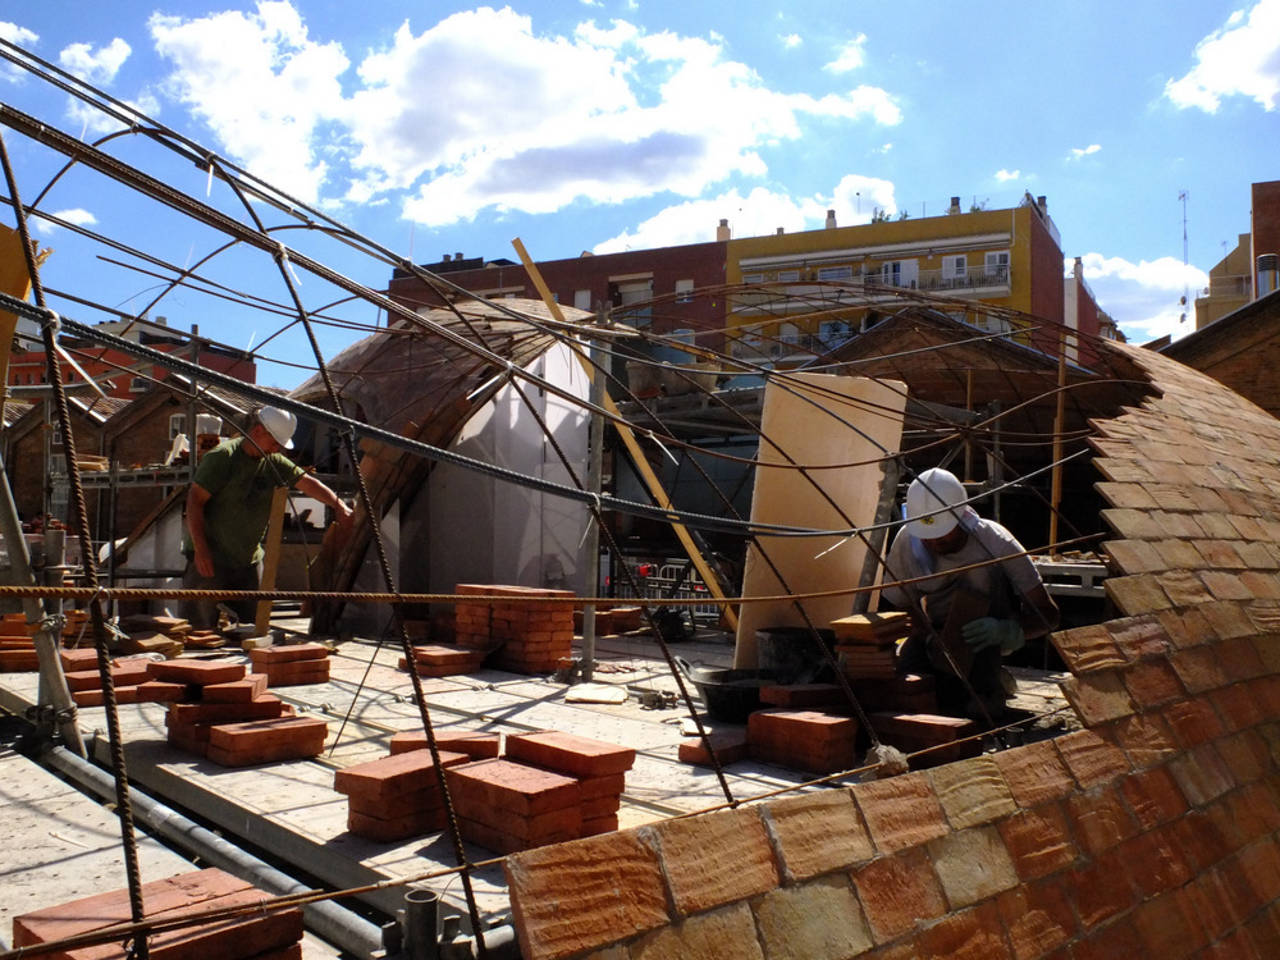 Construcción de Brick-topia : Photo credit © Manuel de Lózar y © Paula López Barba